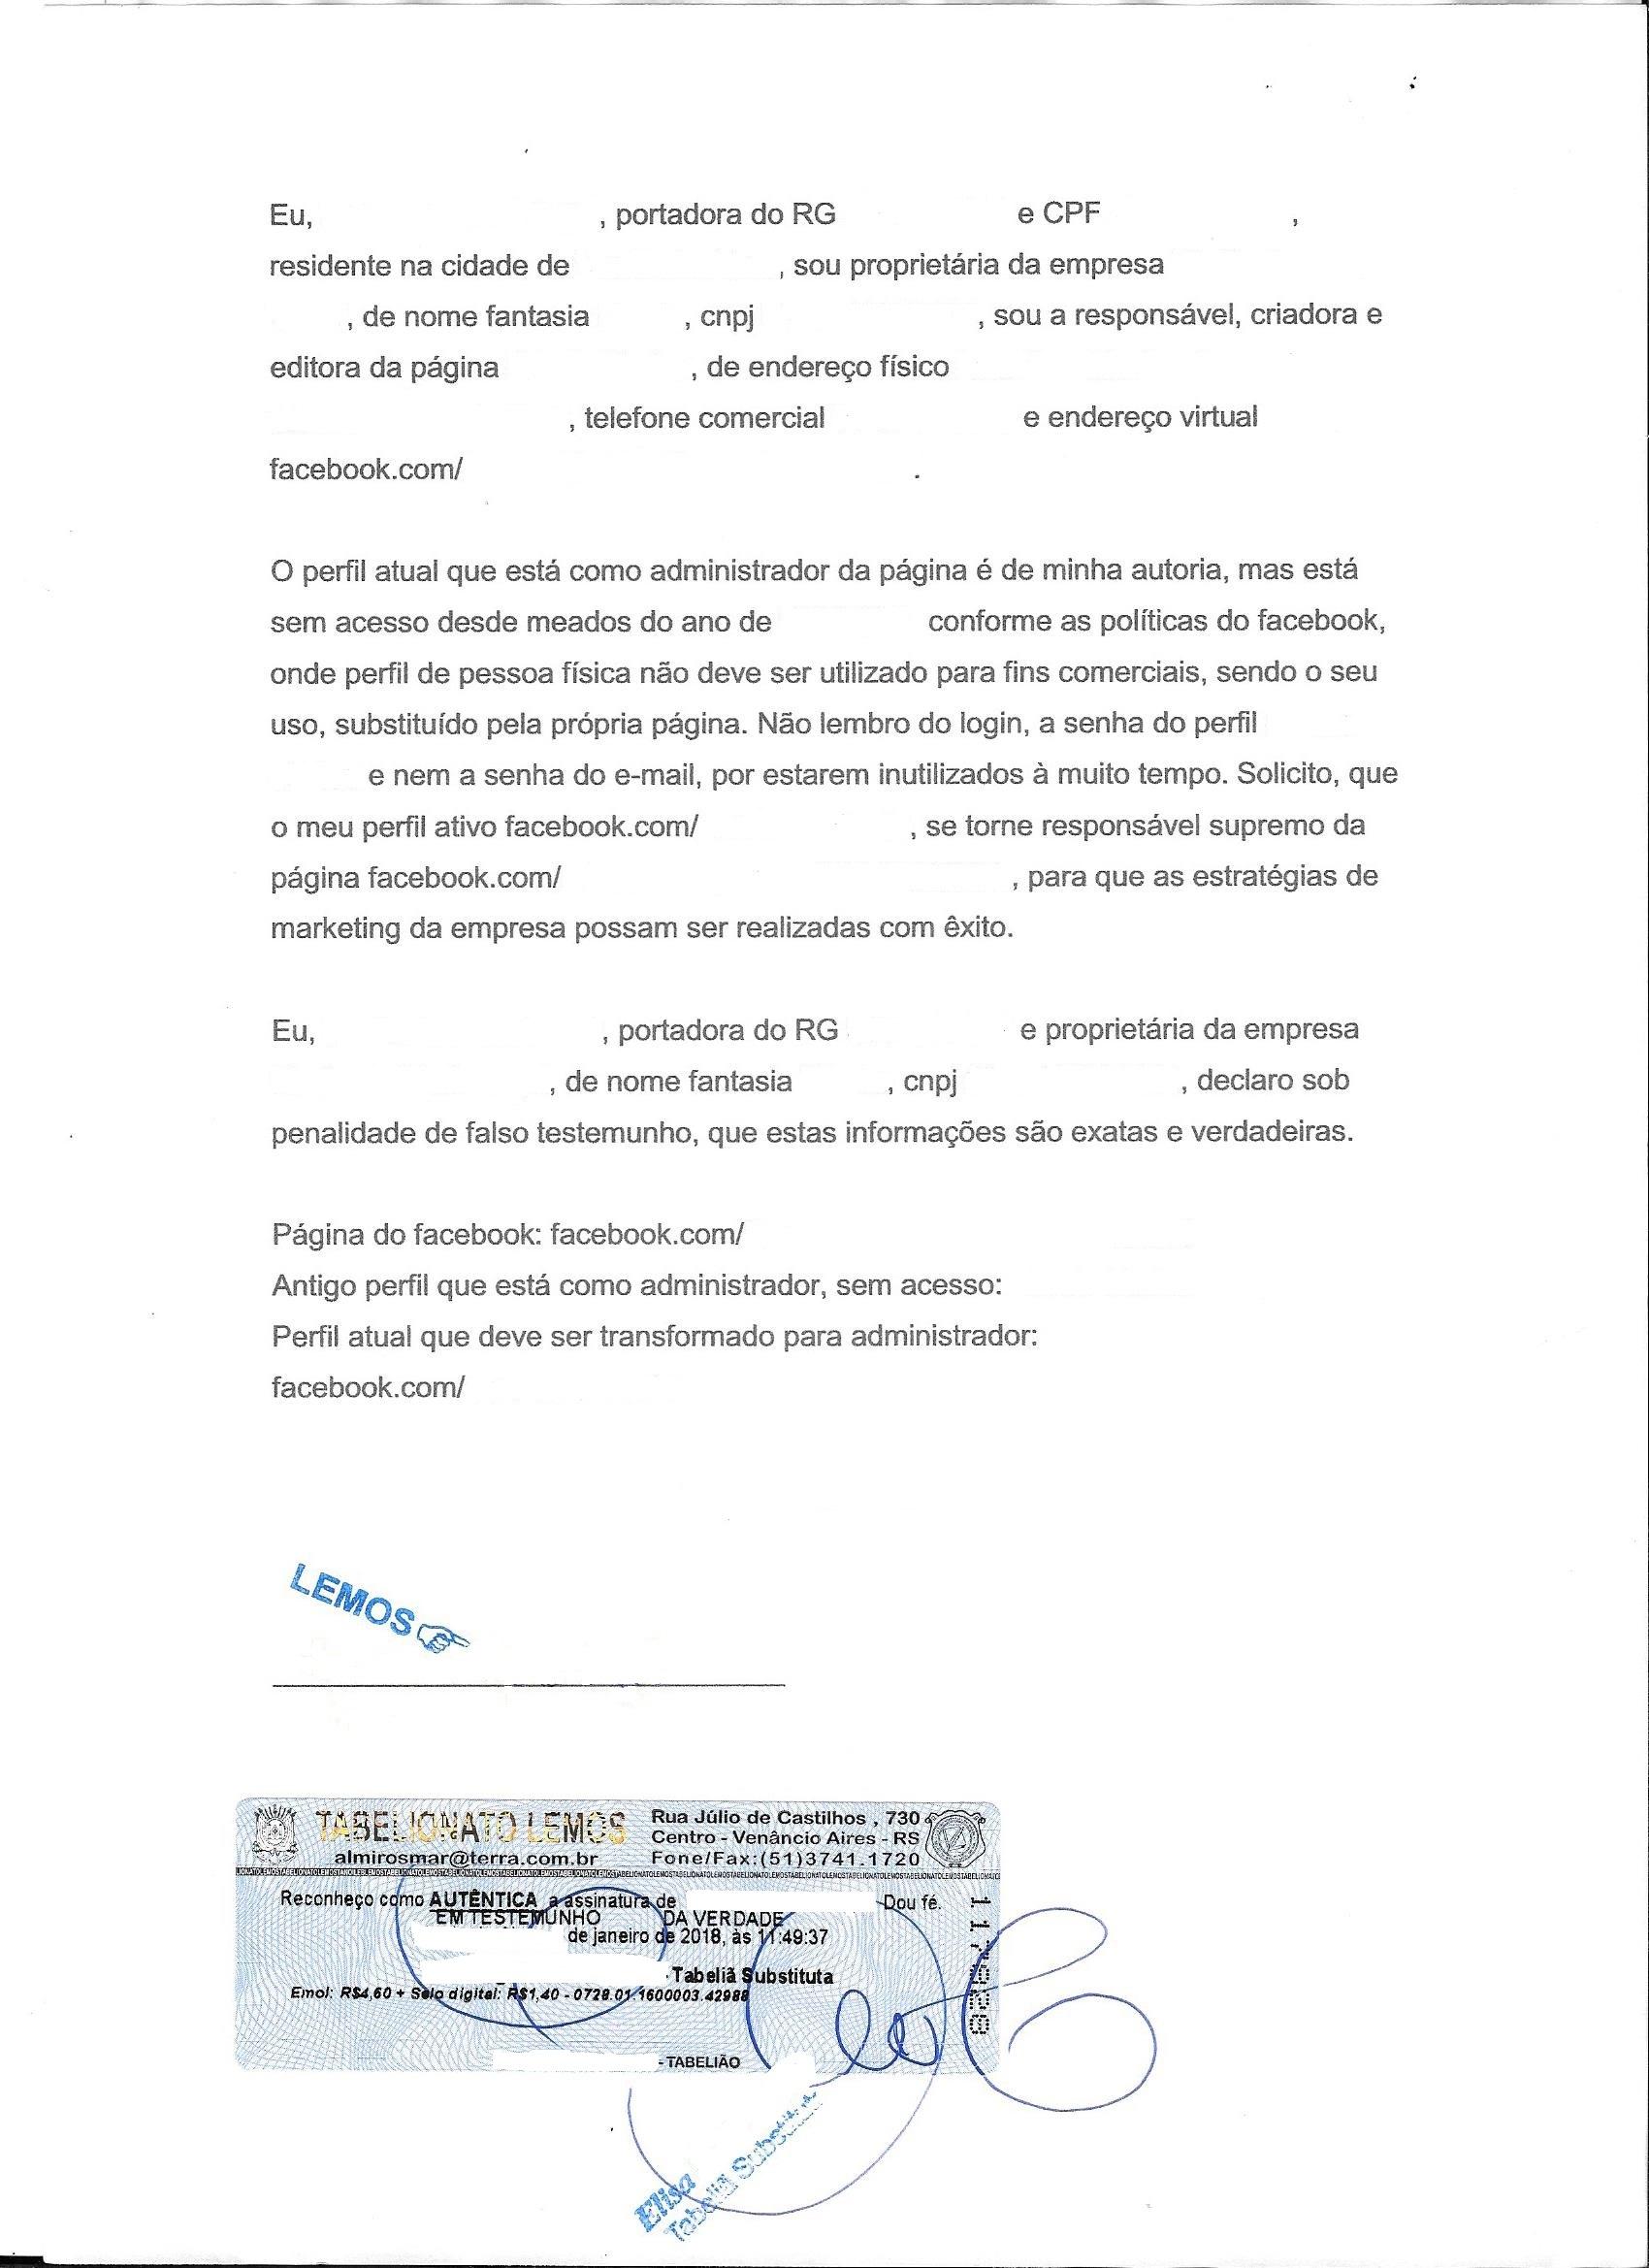 Modelo de Carta para Recuperação de Página no Facebook